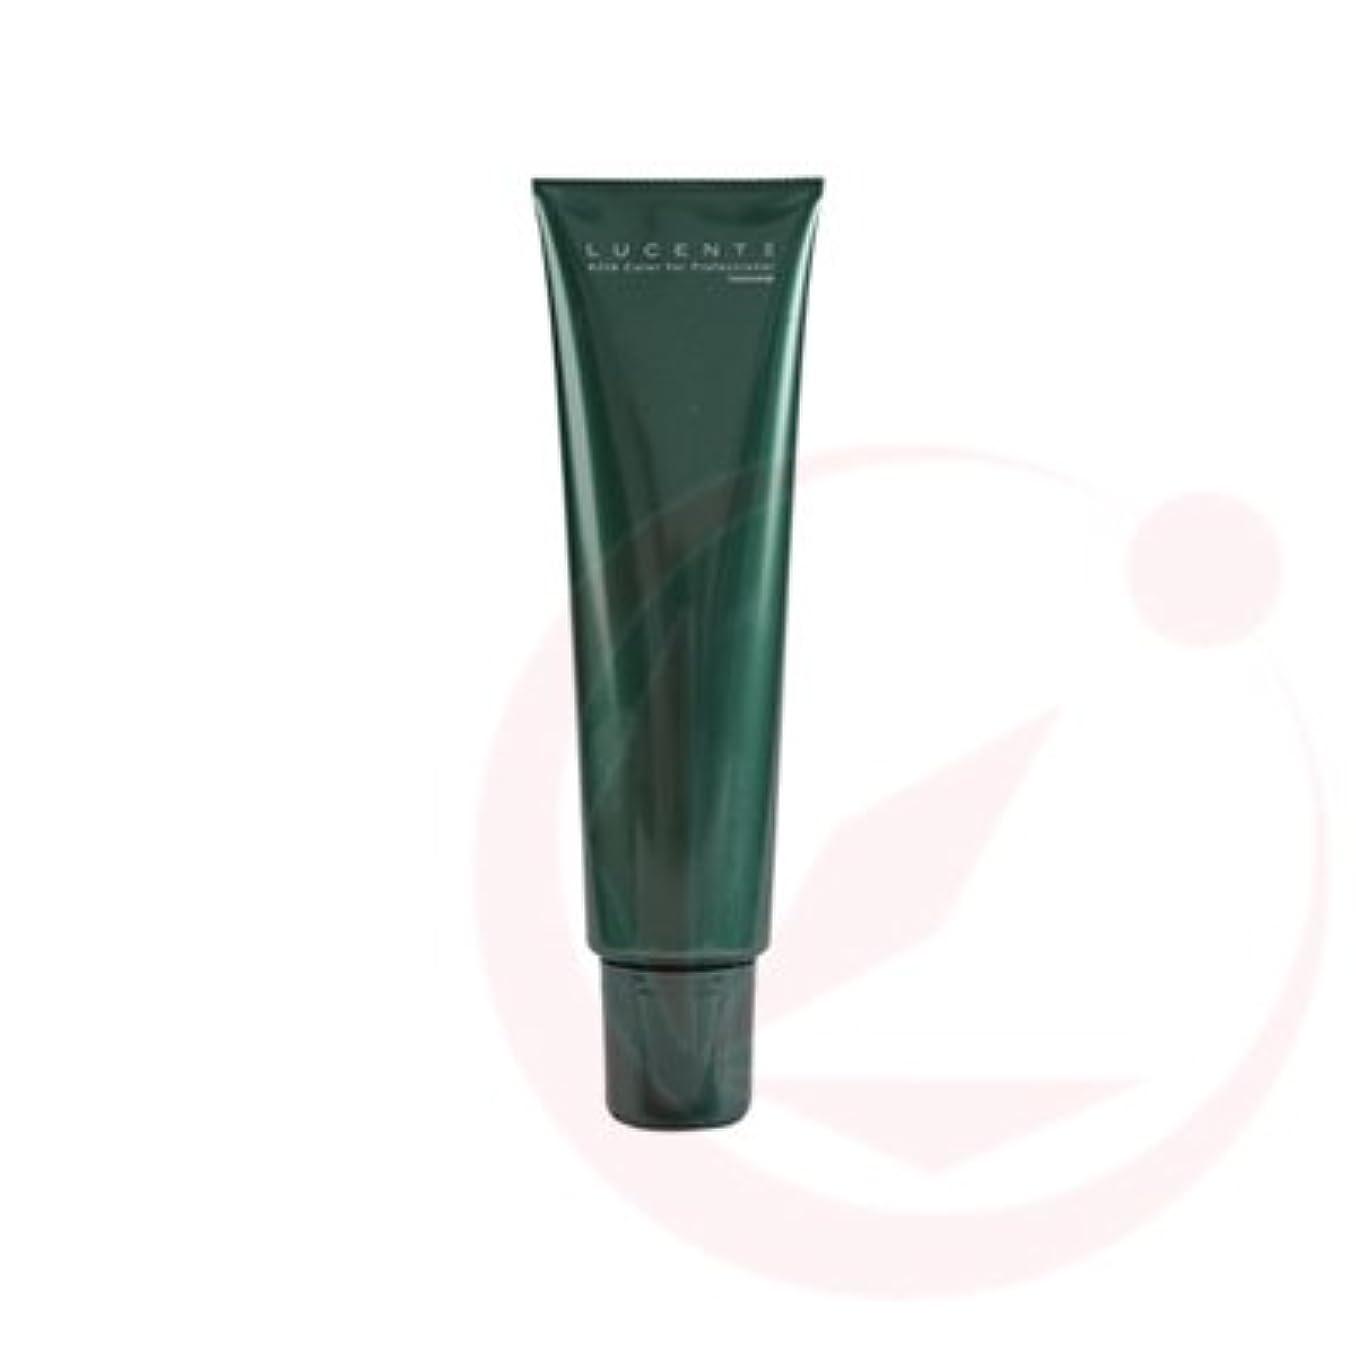 トピック規則性衣類タマリス ルーセント2 ブラウンライン ディープブラウン 150g (カラー1剤) ナチュラルブラウン d-NB